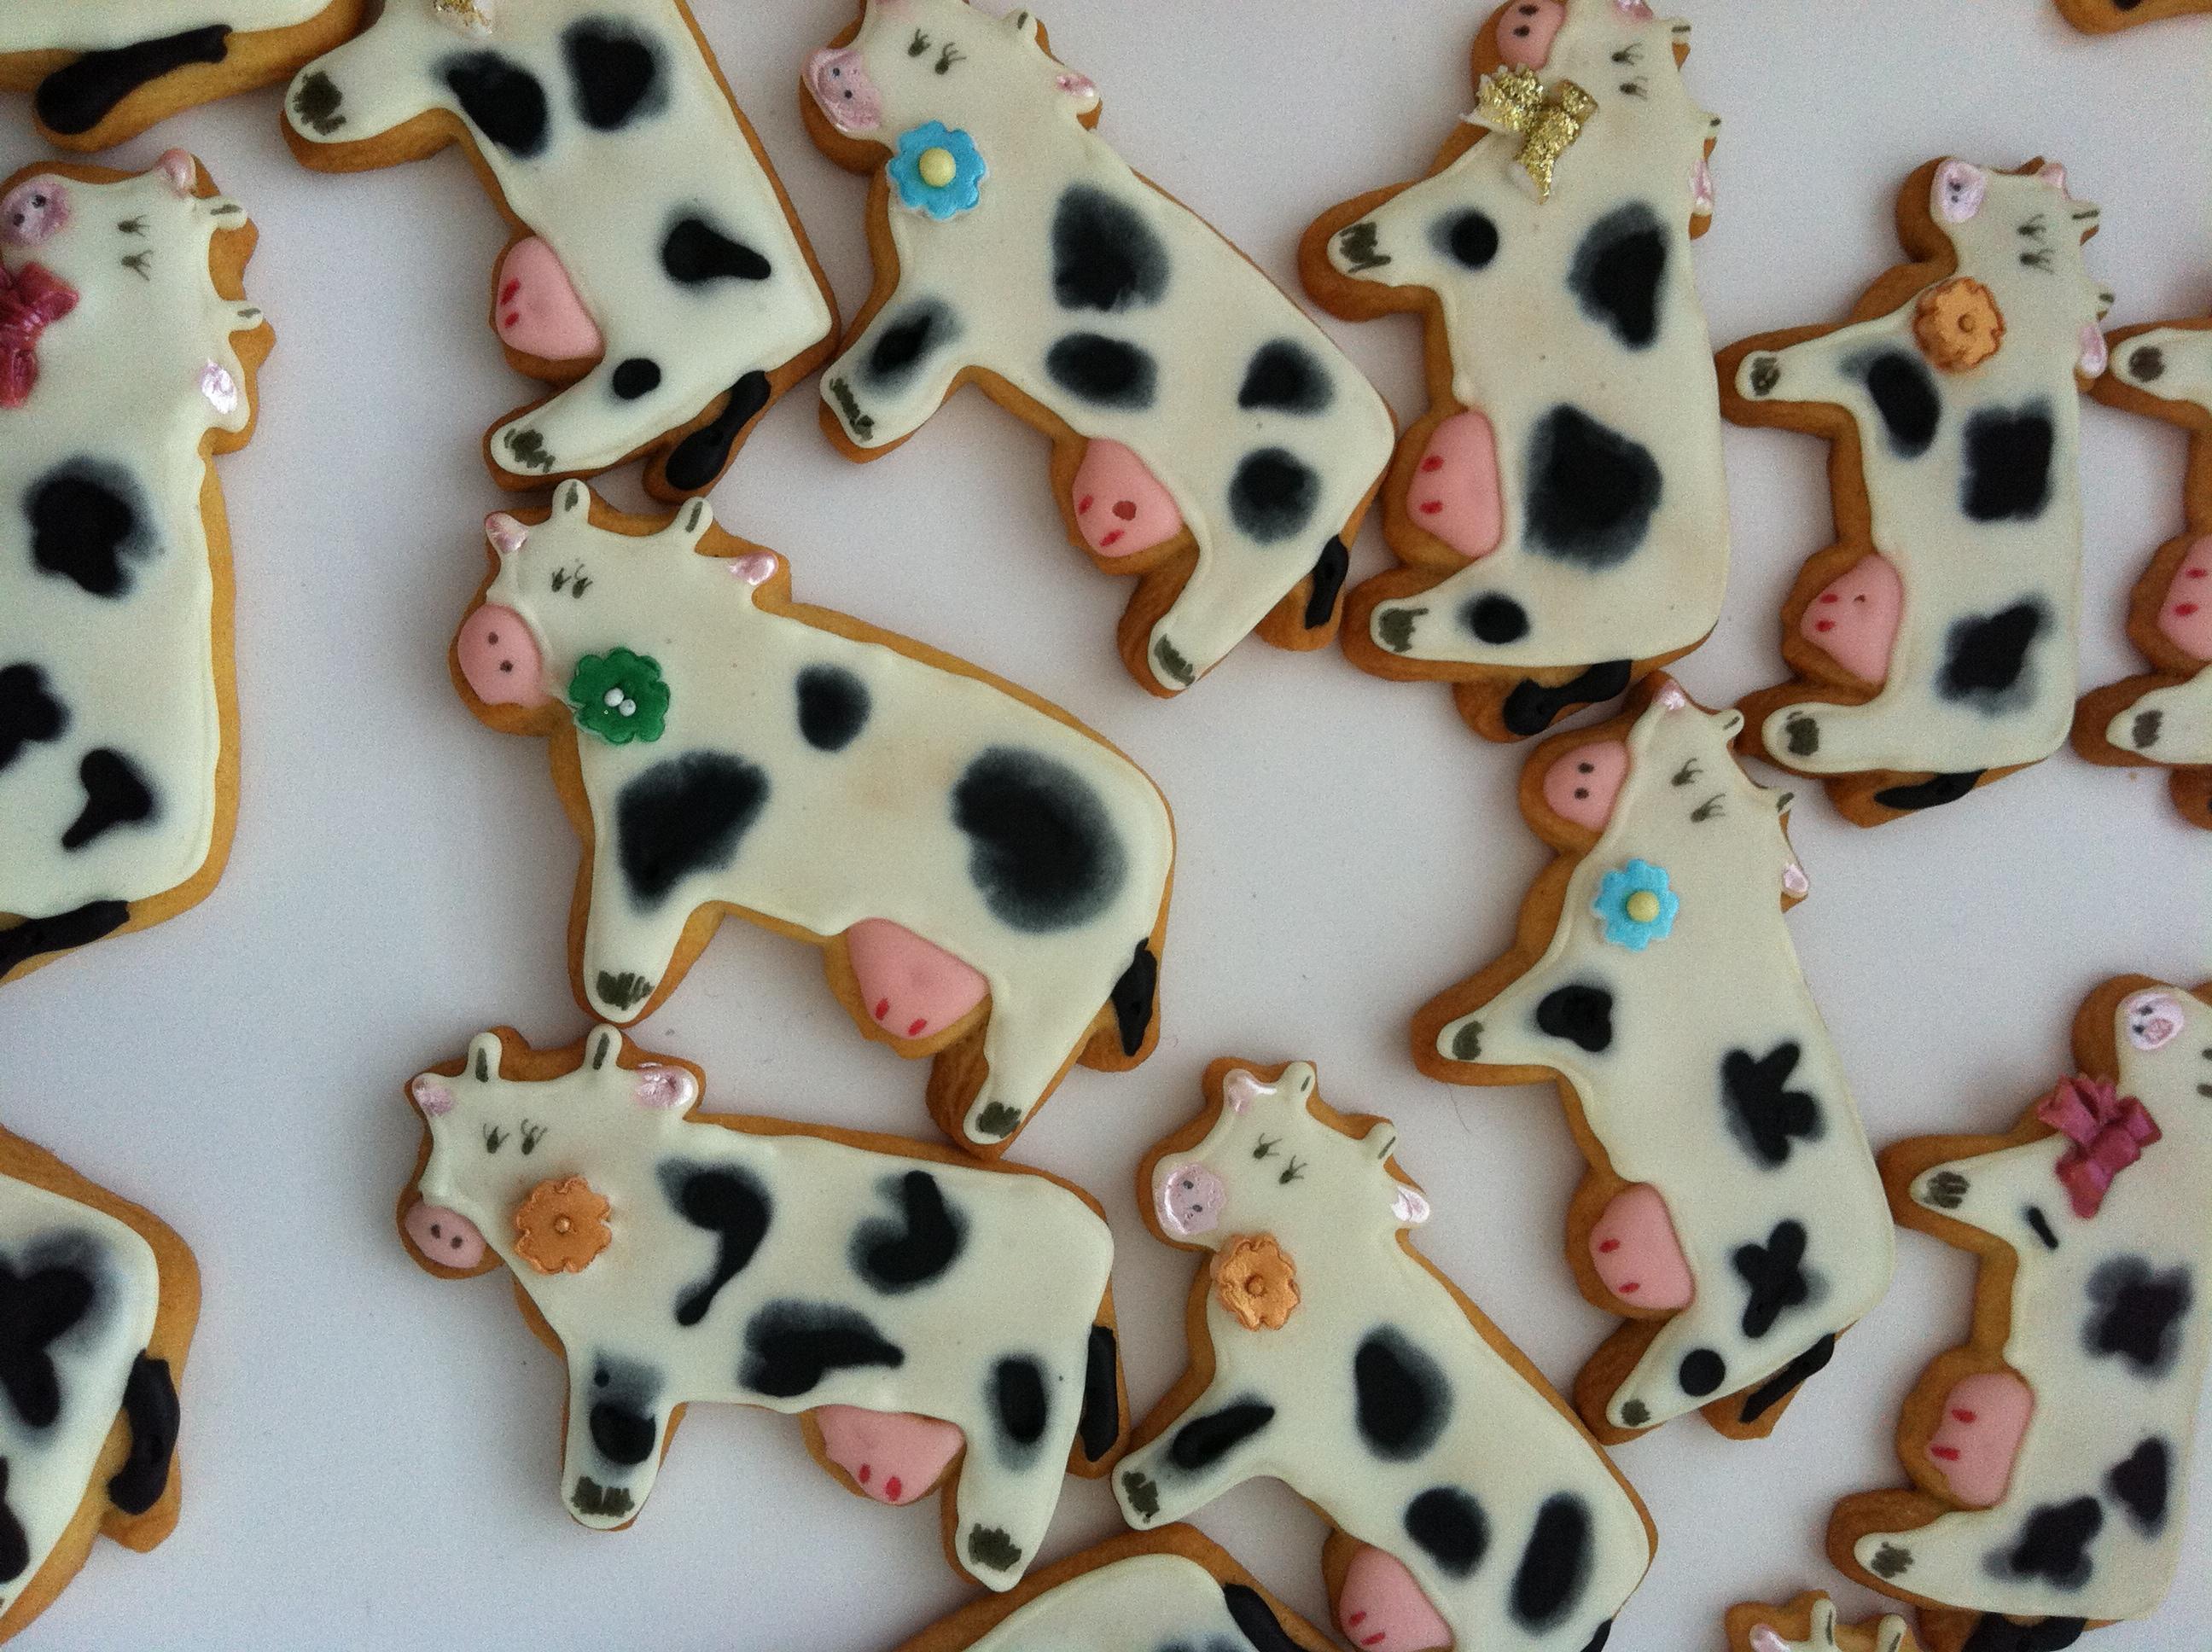 Vaquería de galletas: vacas, vacas y más vacas | Repostería imaginativa